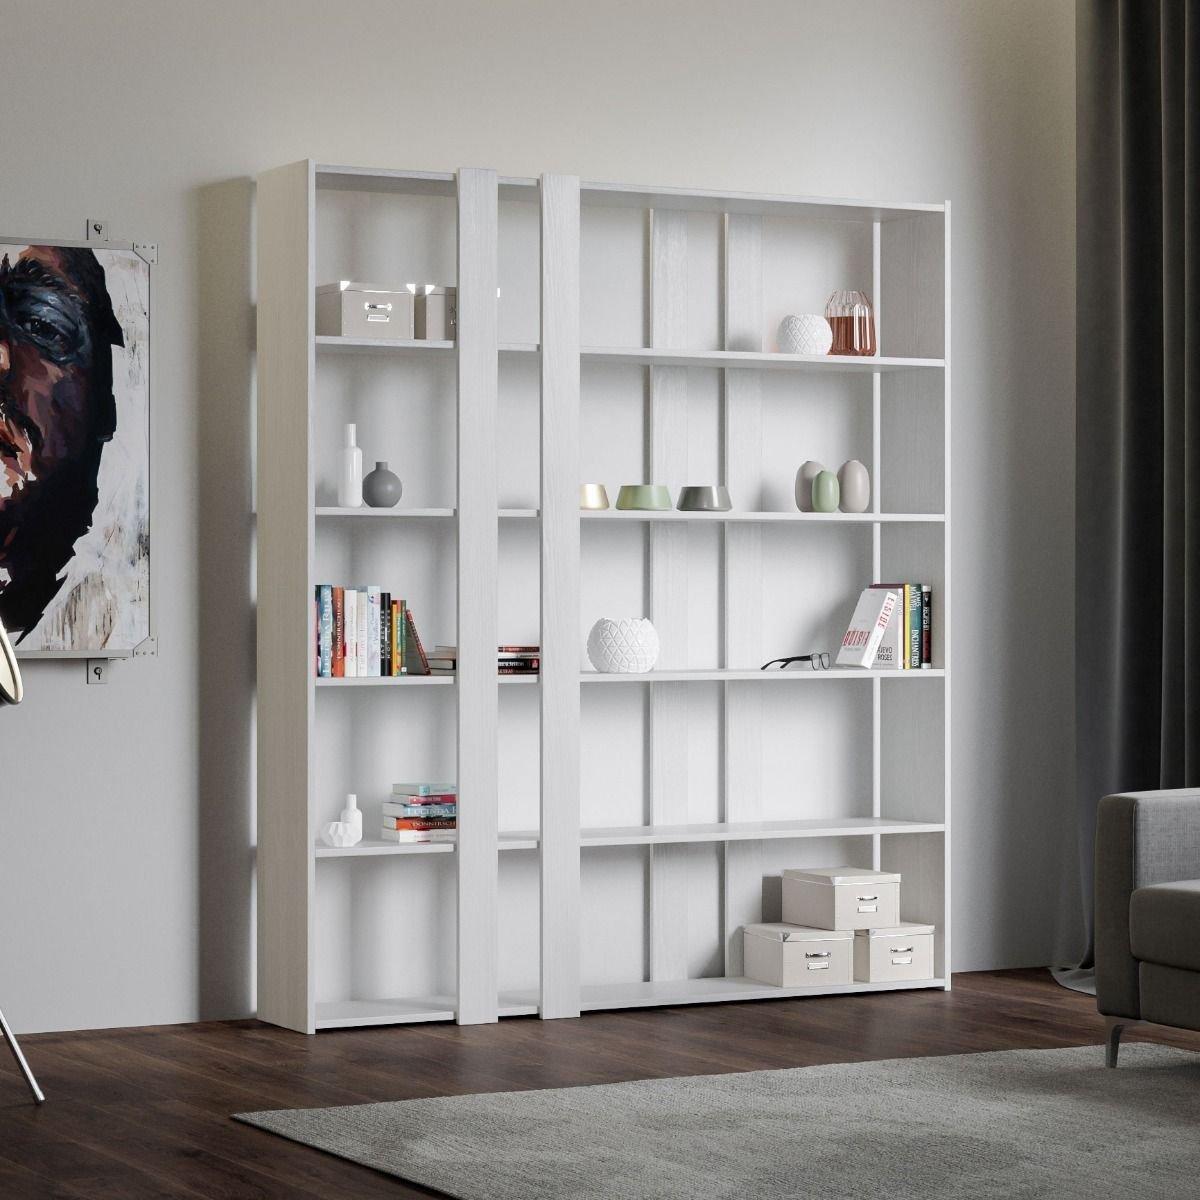 Itamoby Composizione Soggiorno A Parete Libreria Kato A Bianco Frassino